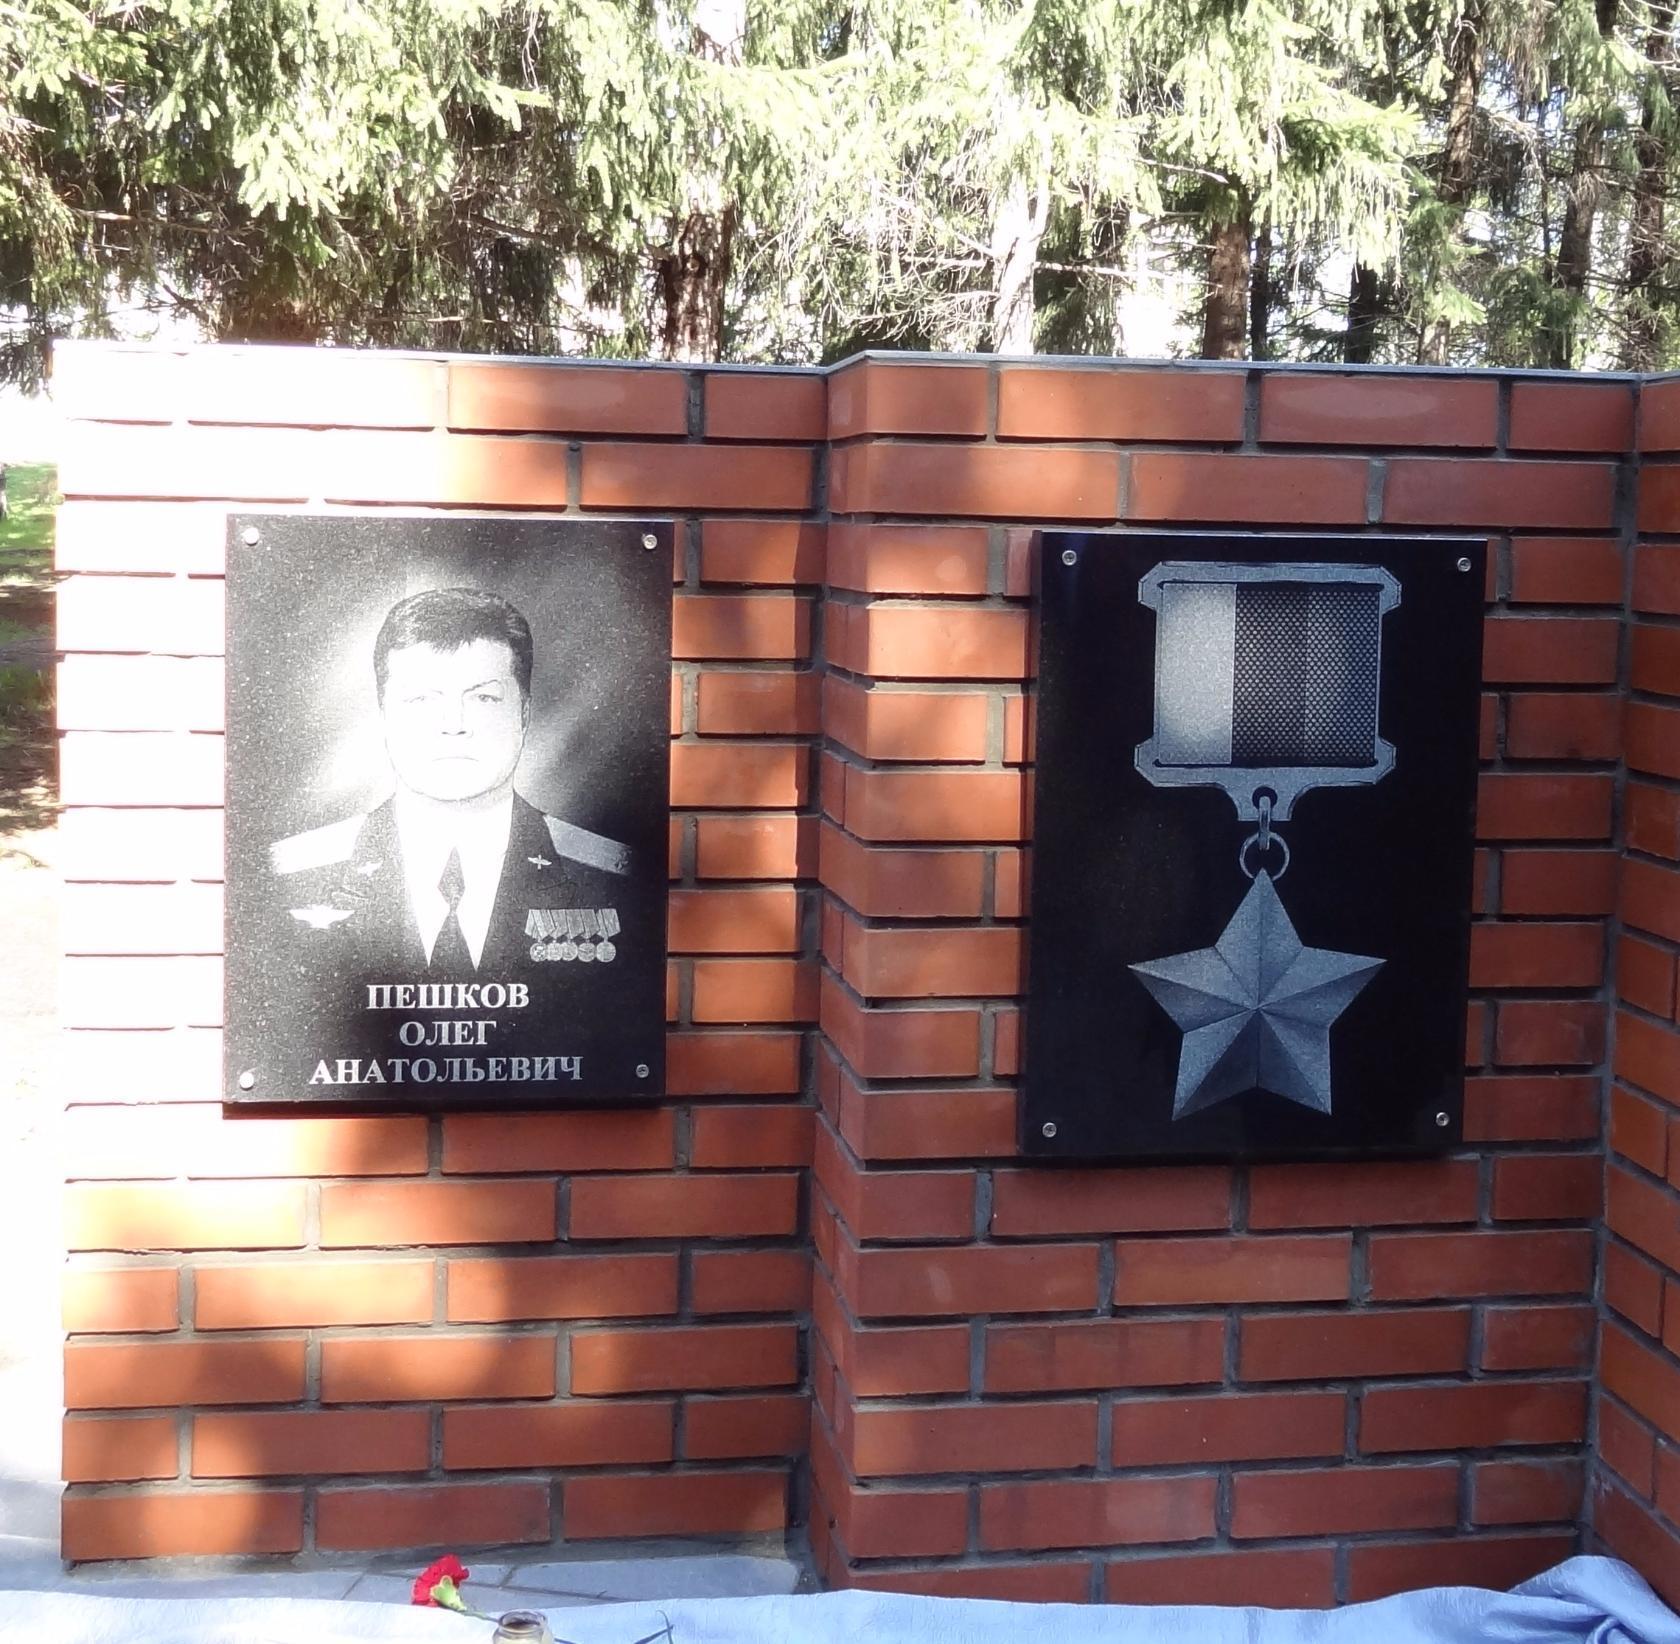 Герой России, трагический погиб в Сирии, освобождая сирийский народ от группировки ИГИЛ (запрещена деятельность на территории РФ)